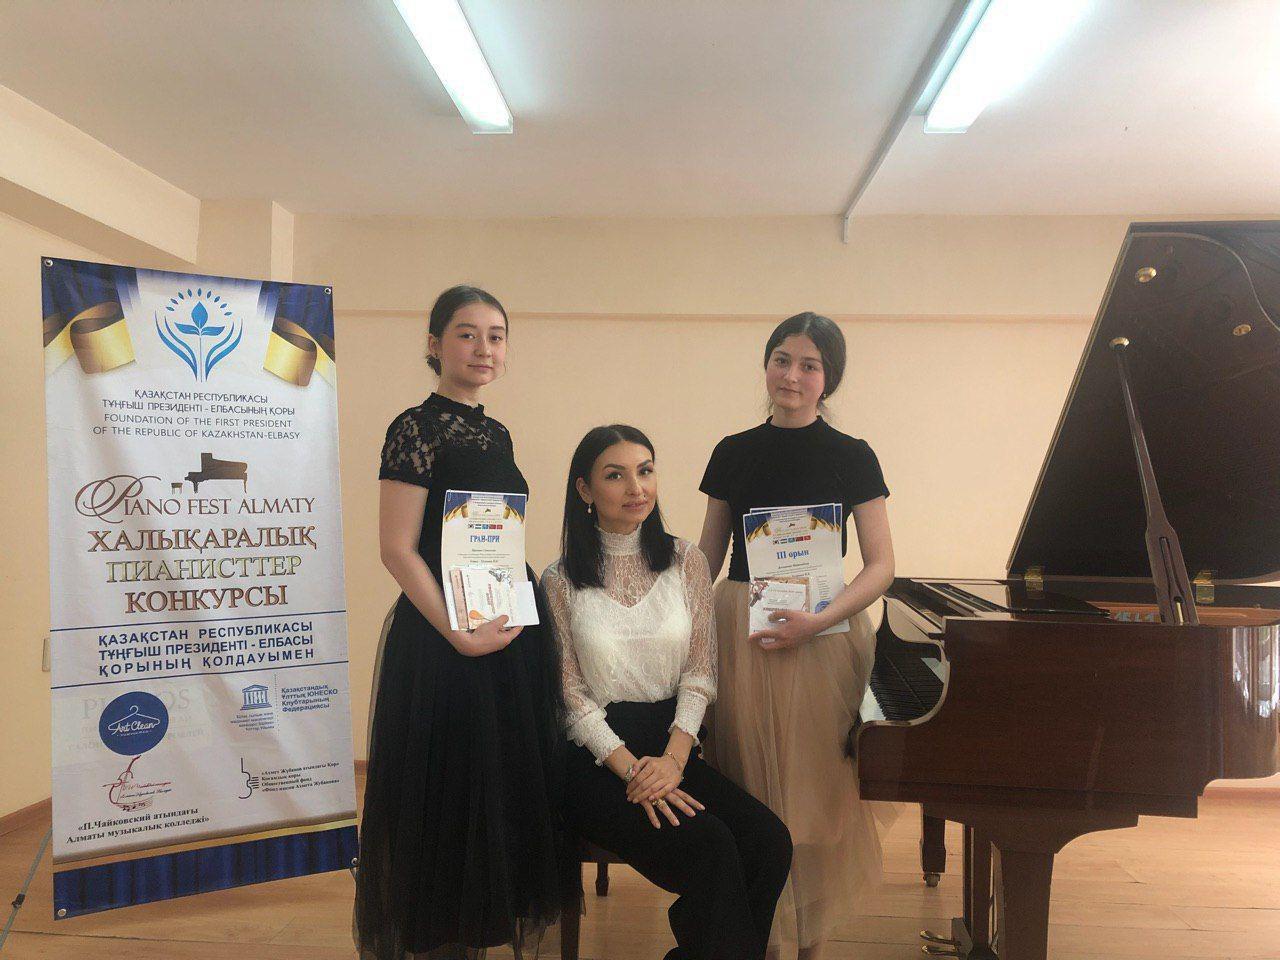 Наши соотечественницы показали лучшие результаты в Международном конкурсе пианистов в Алматы